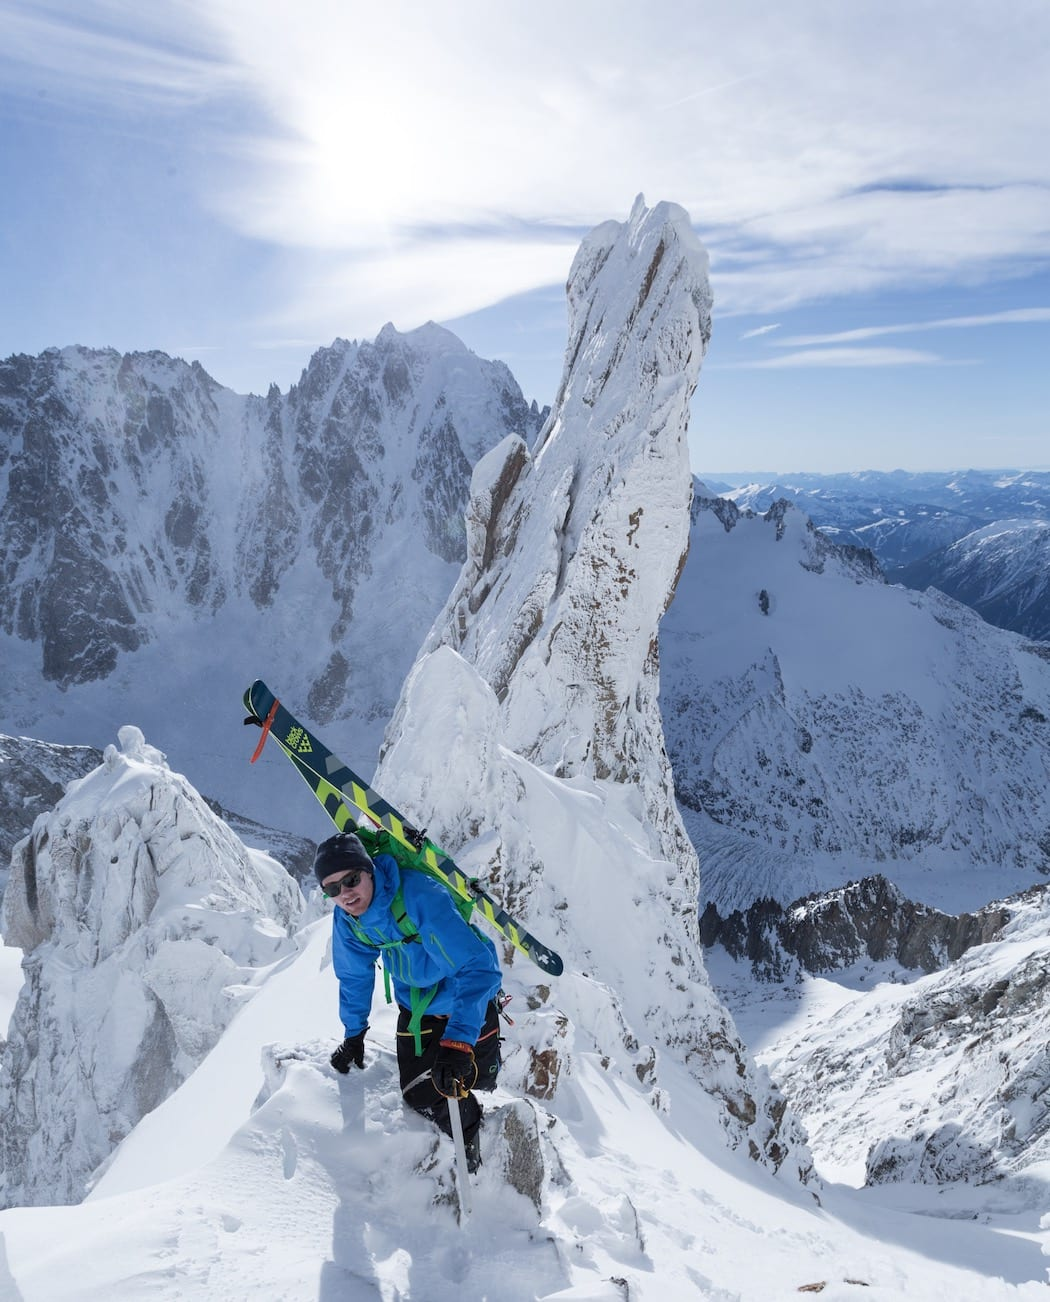 PÅ TUR: Nikolai er lommekjent i Chamonix, etter å ha tilbragt tre sesonger på rad i den franske skimetropolen. Bilde: Bruno Compagnet